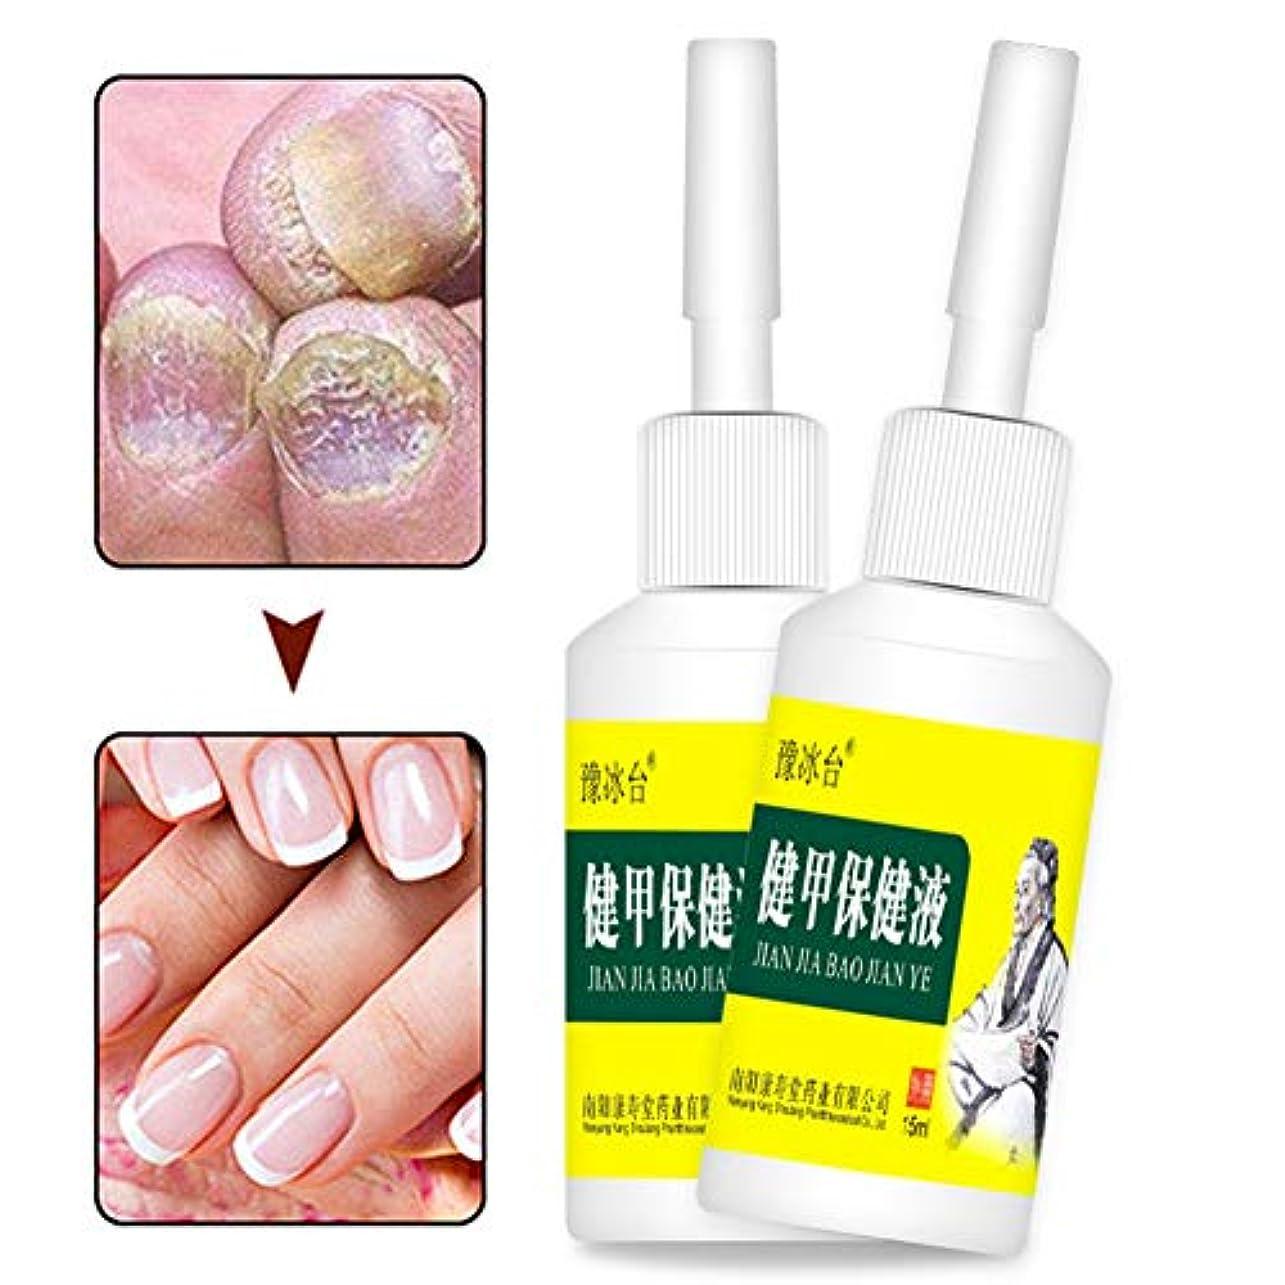 夜間吸収宇宙TerGOOSE 足爪用補修液 抗真菌 爪白癬の弱点を攻める 複合タイプ 爪用除菌ケア 灰指甲 爪真菌症 ネイル抗真菌治療 足爪の変色 白癬 変形 質感などでお困りの方に 3点セット